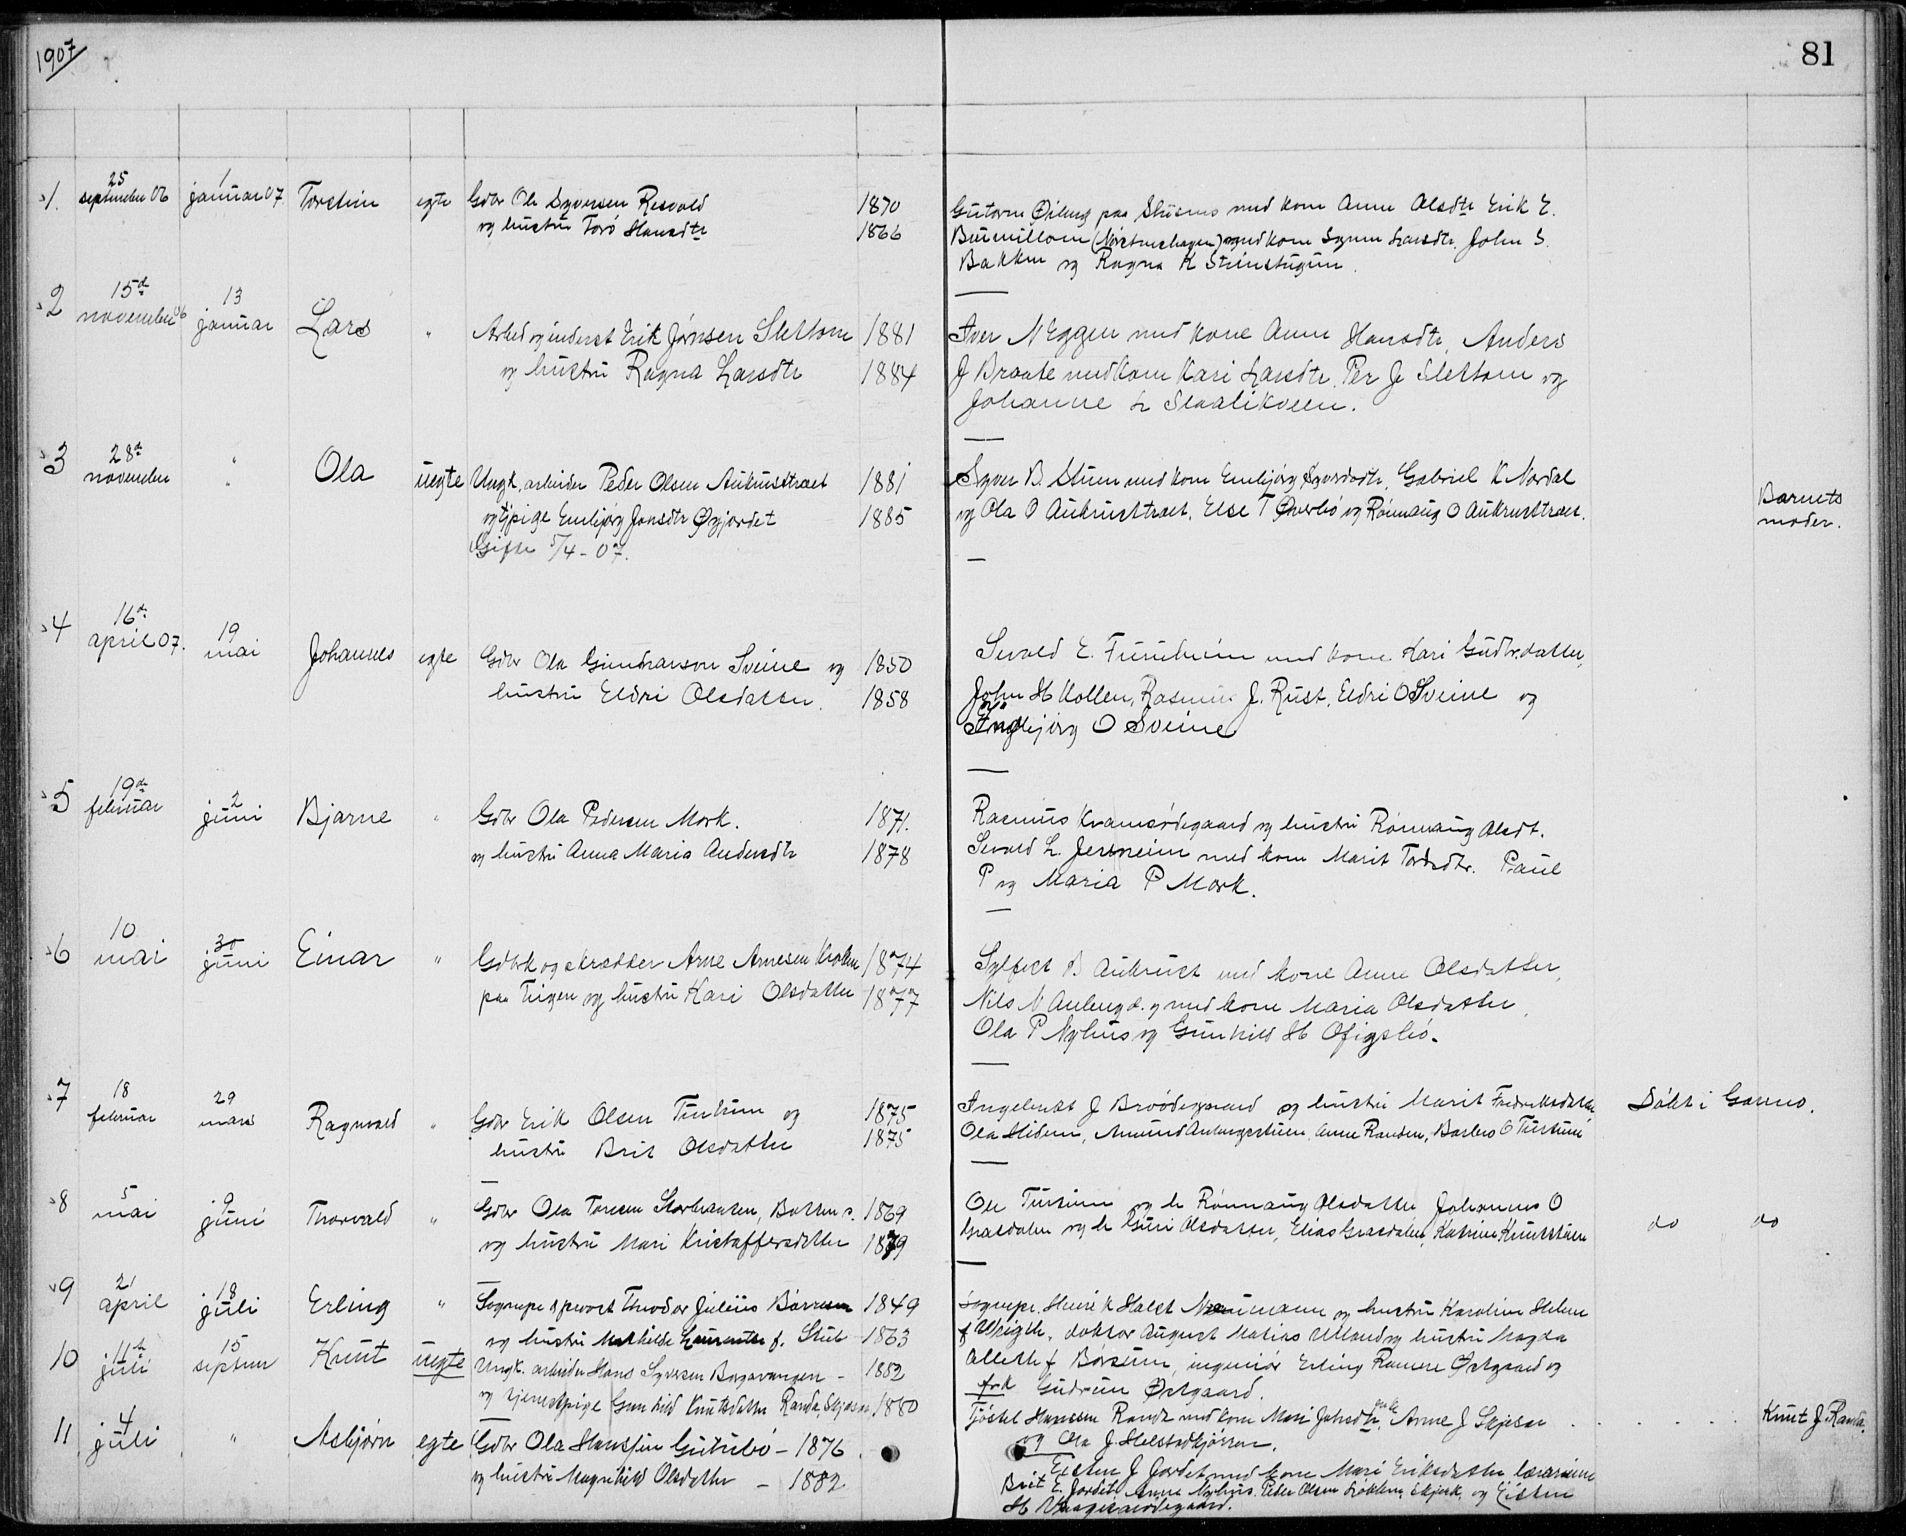 SAH, Lom prestekontor, L/L0013: Klokkerbok nr. 13, 1874-1938, s. 81